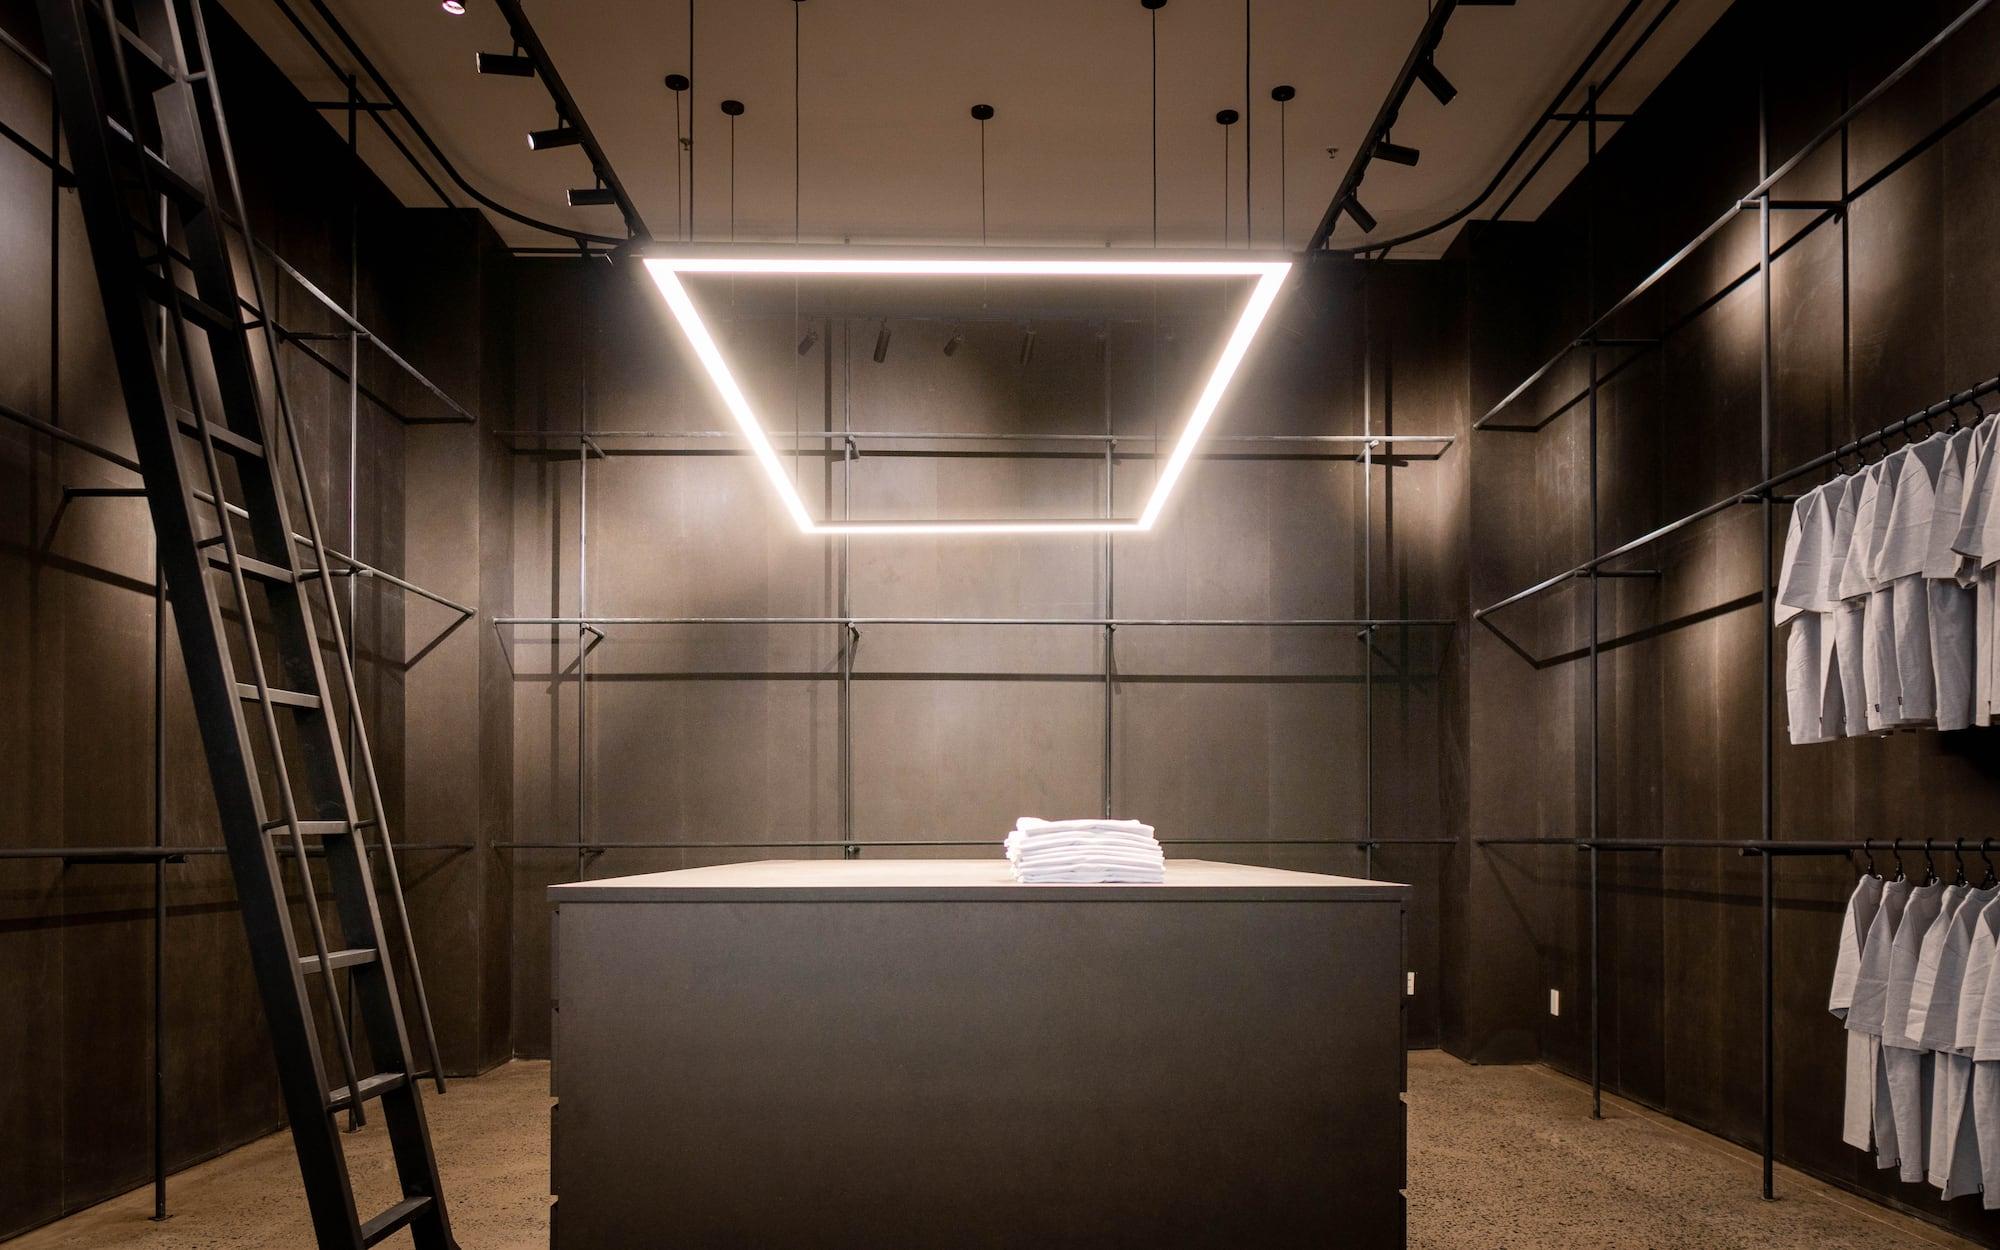 Vietcetera Visits: Bên trong không gian mới của công ty may mặc Un-Available